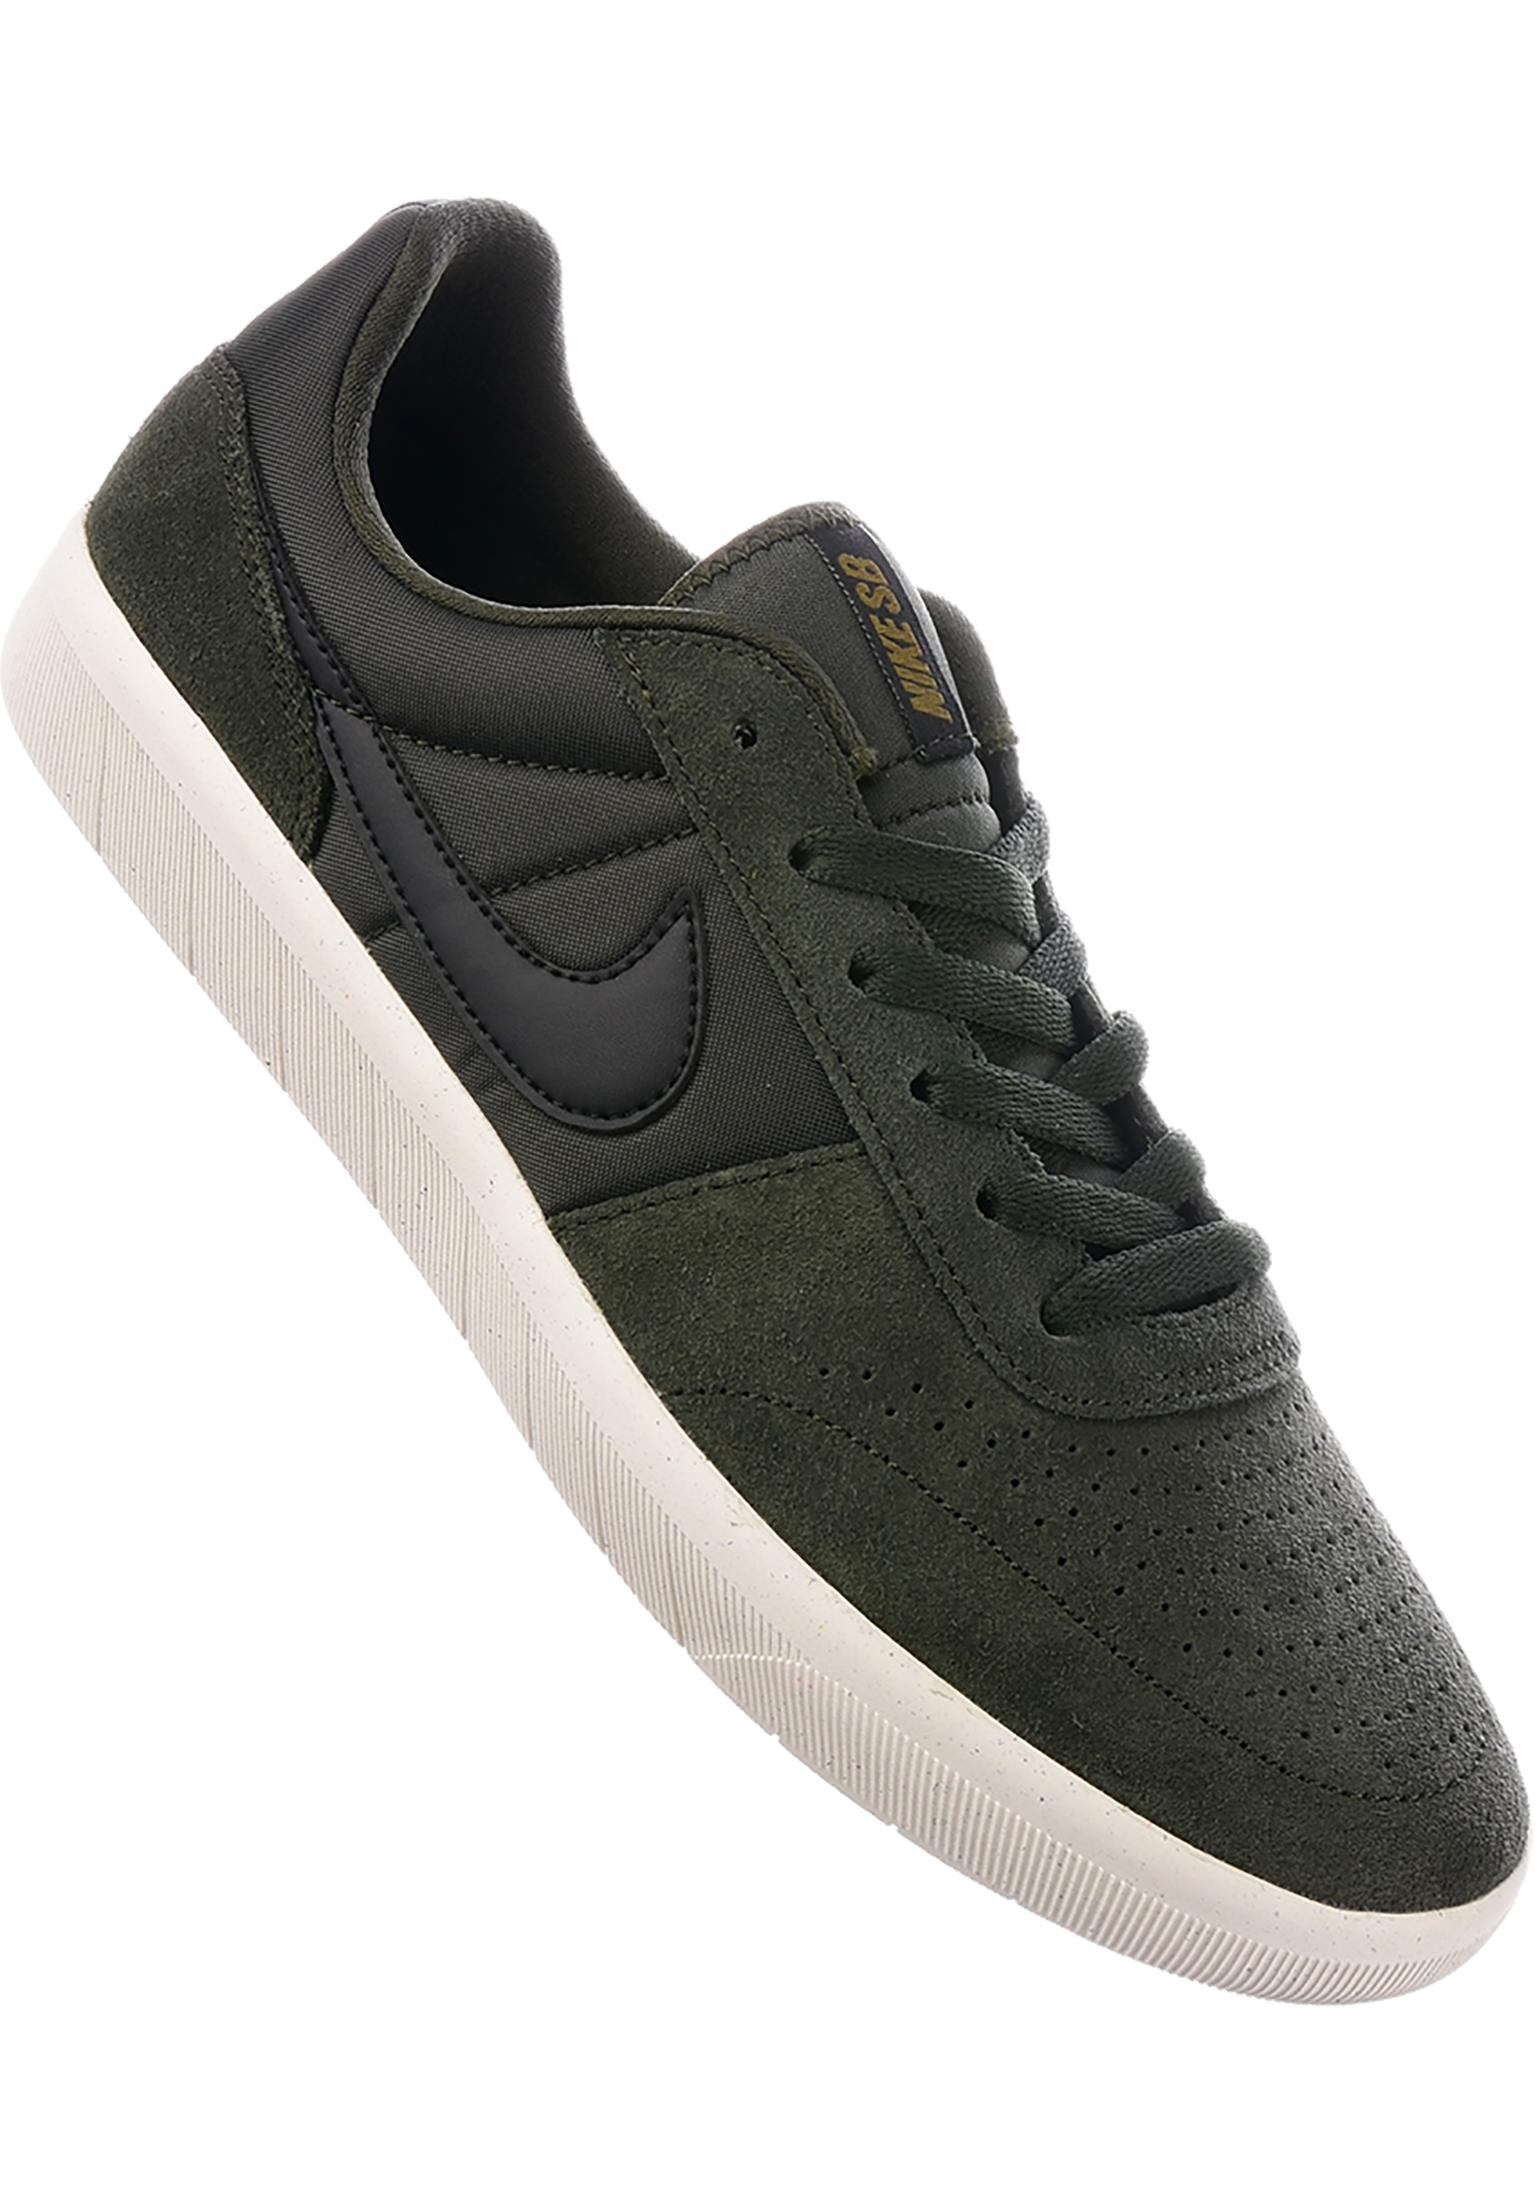 the best attitude 9d85e 61d46 Team Classic Nike SB Toutes les chaussures en sequoia-black pour Homme    Titus